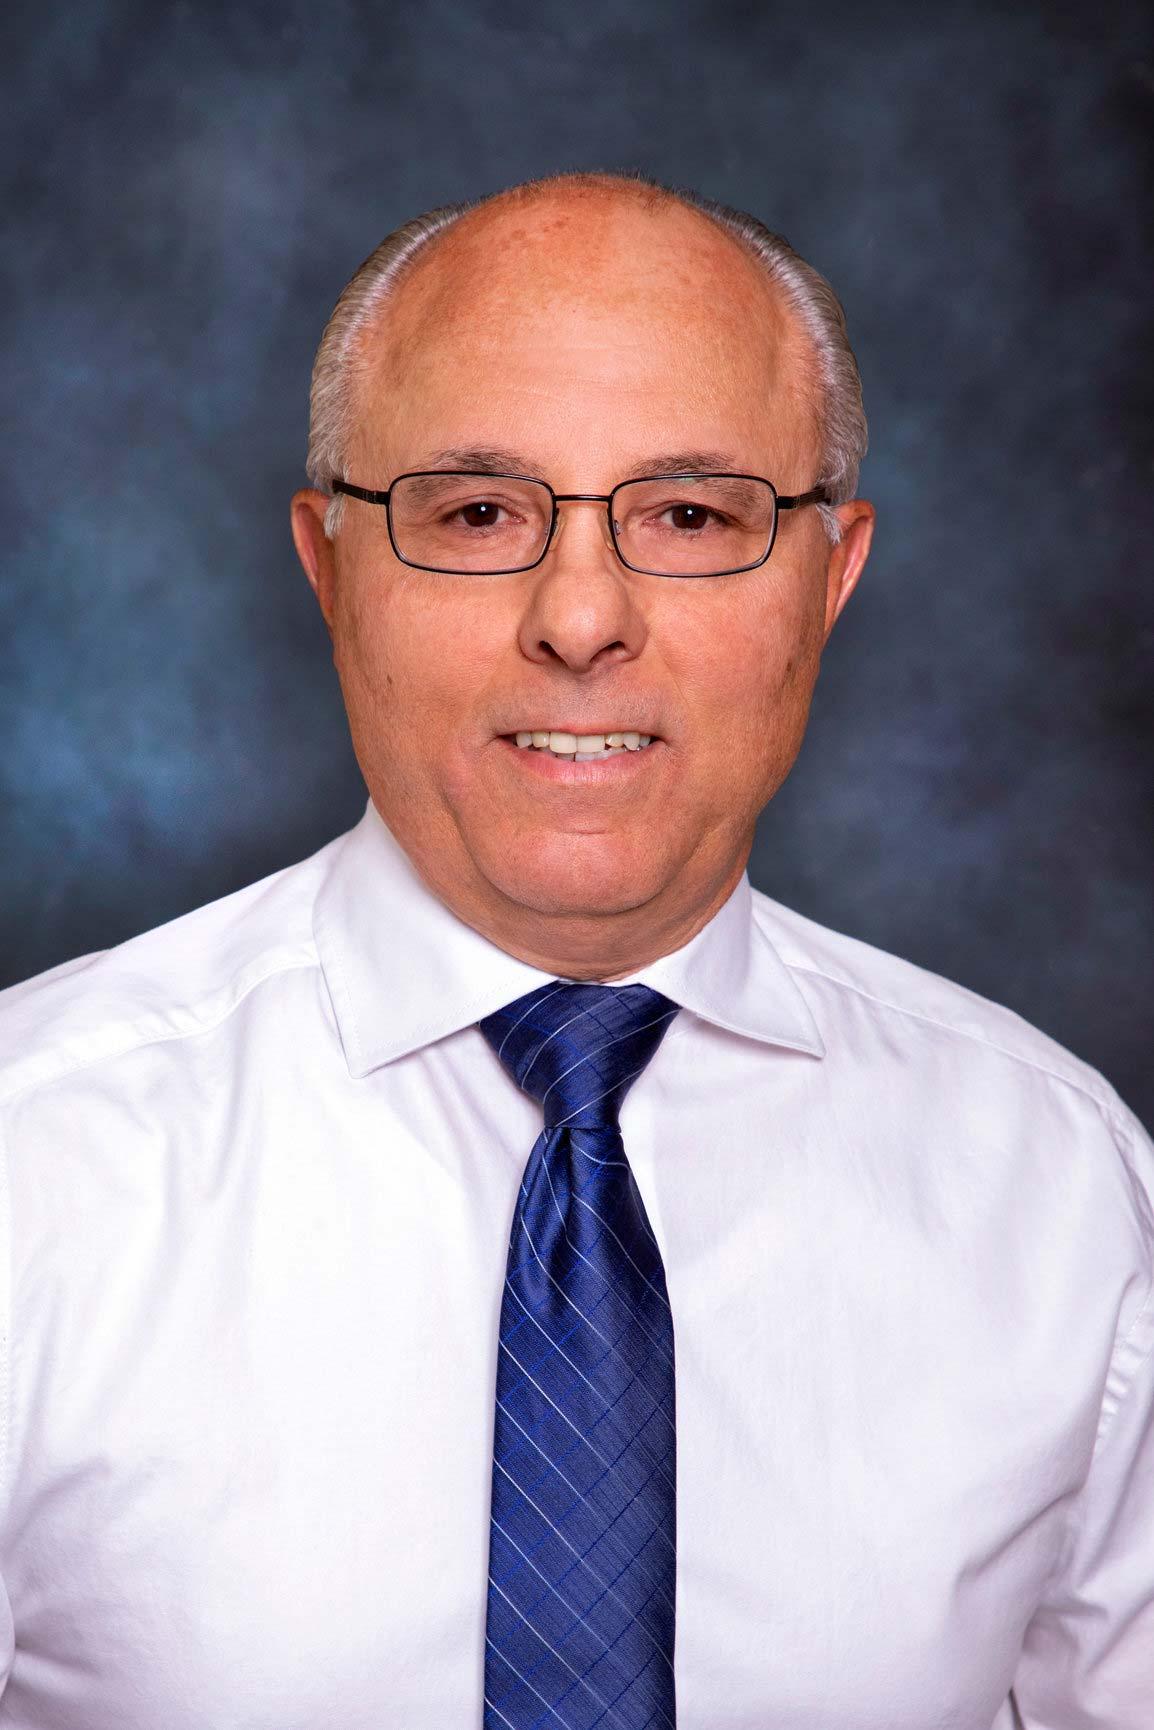 Gary Sinko